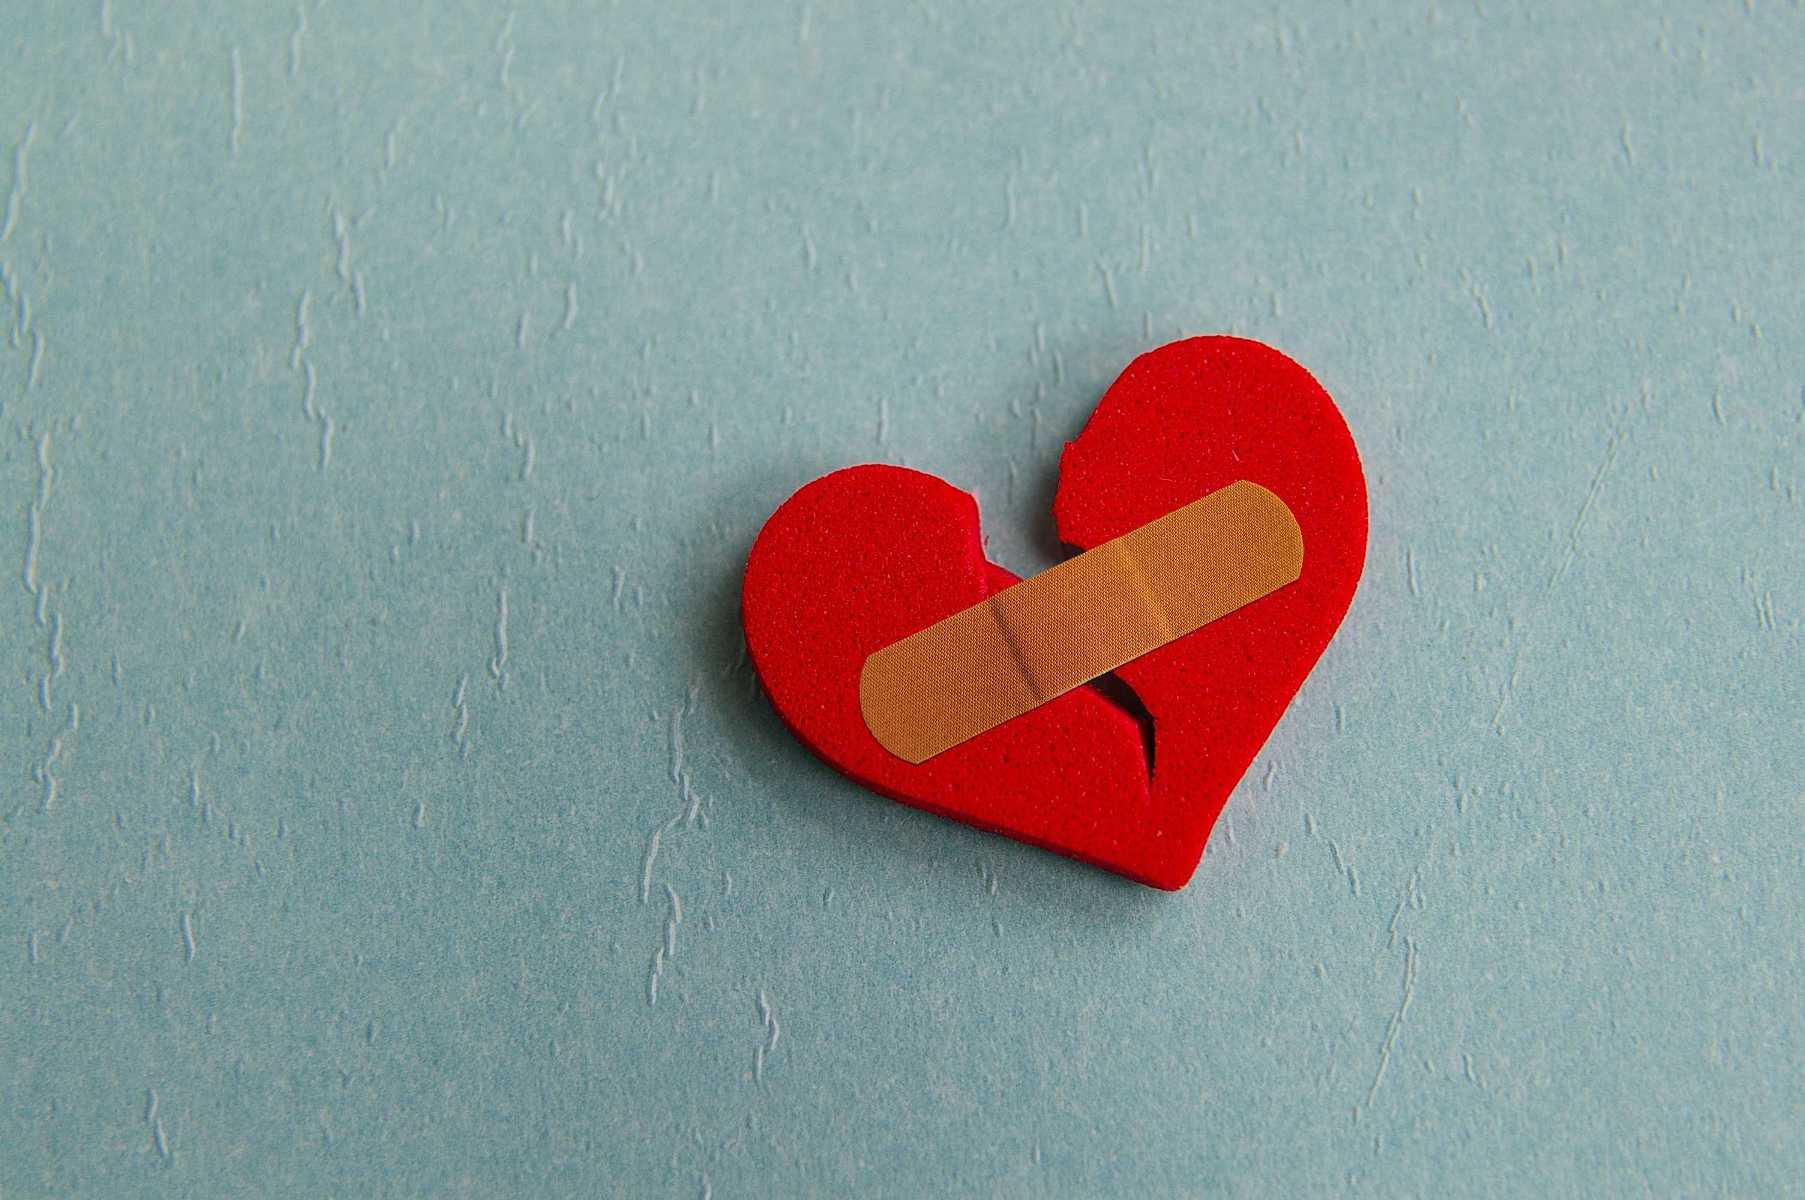 Broken Love Iphone Wallpaper : Broken Heart Wallpapers, Pictures, Images